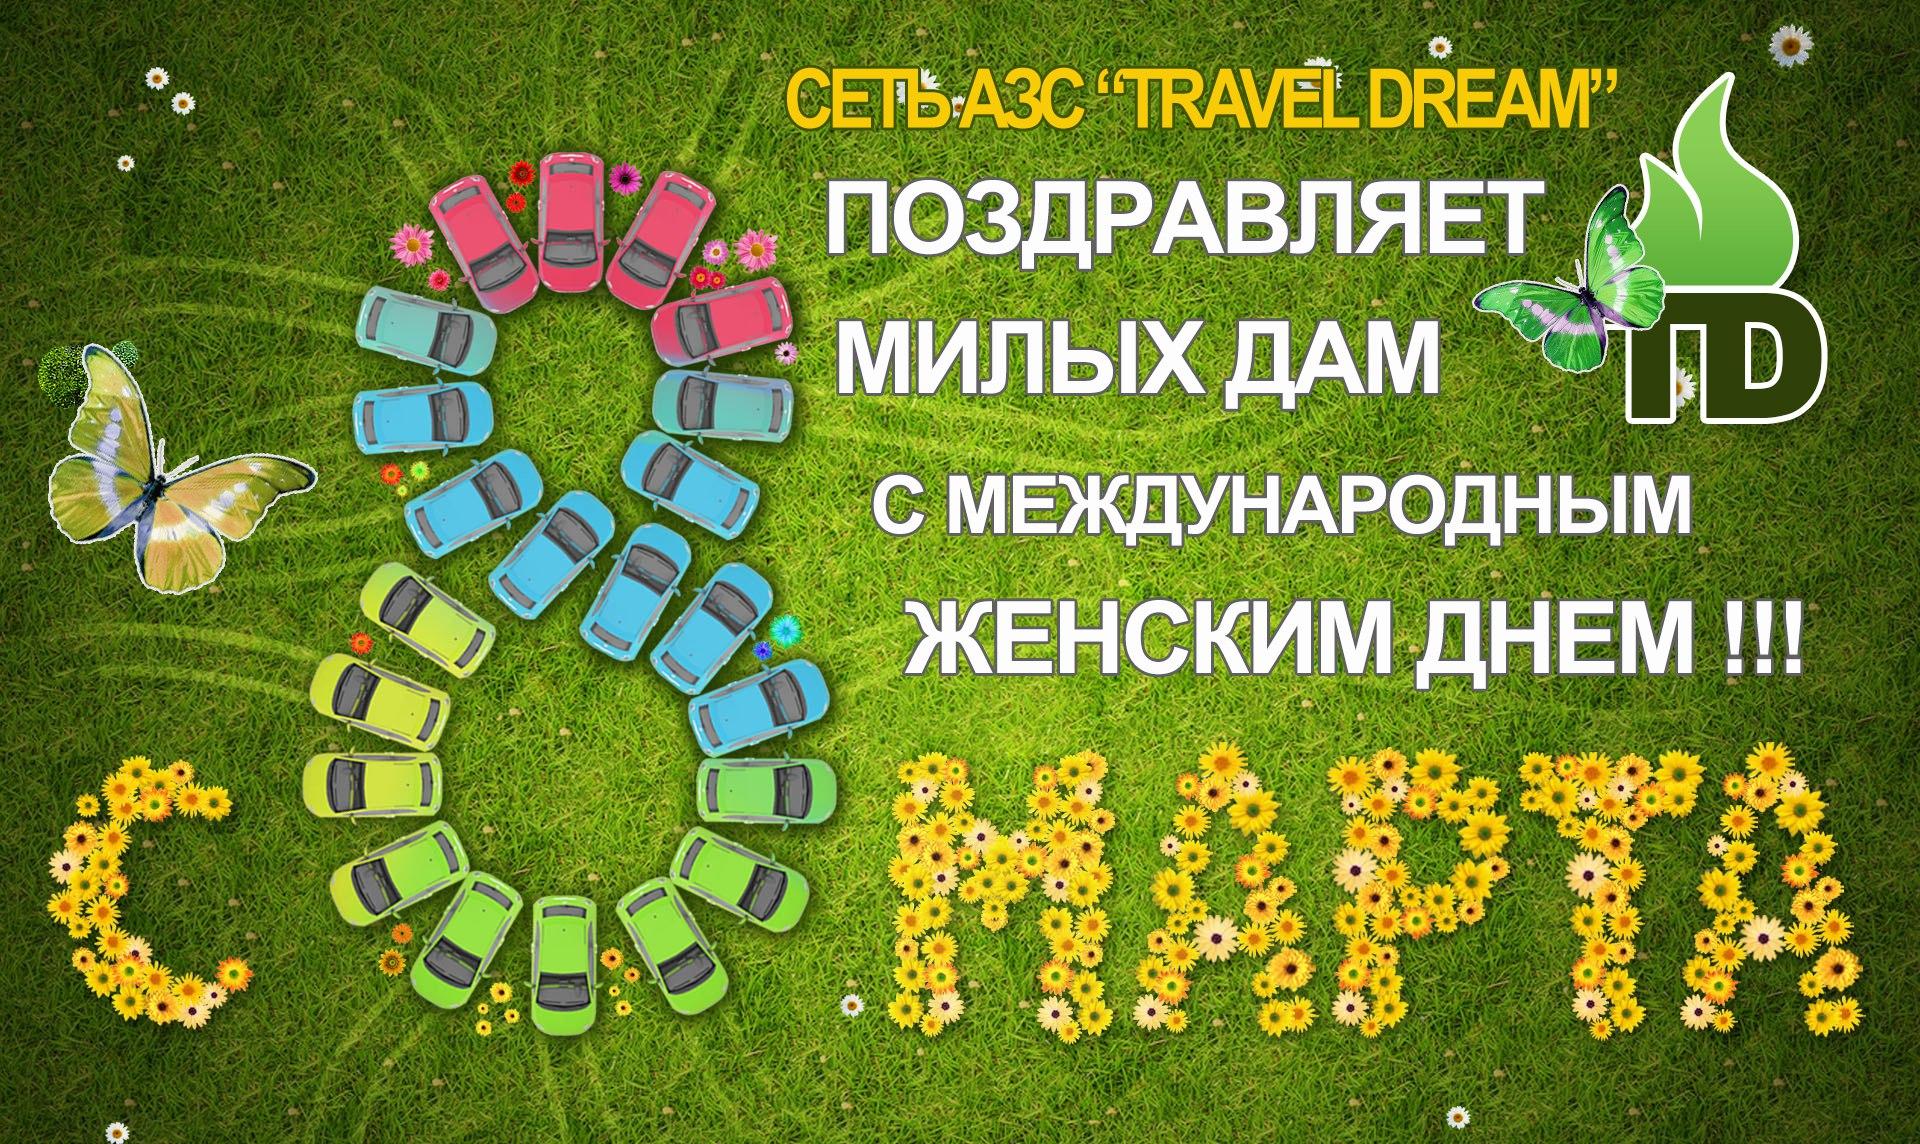 Сеть АЗС Тravel Dream поздравляет милых дам с МЕЖДУНАРОДНЫМ ЖЕНСКИМ ДНЕМ!!!